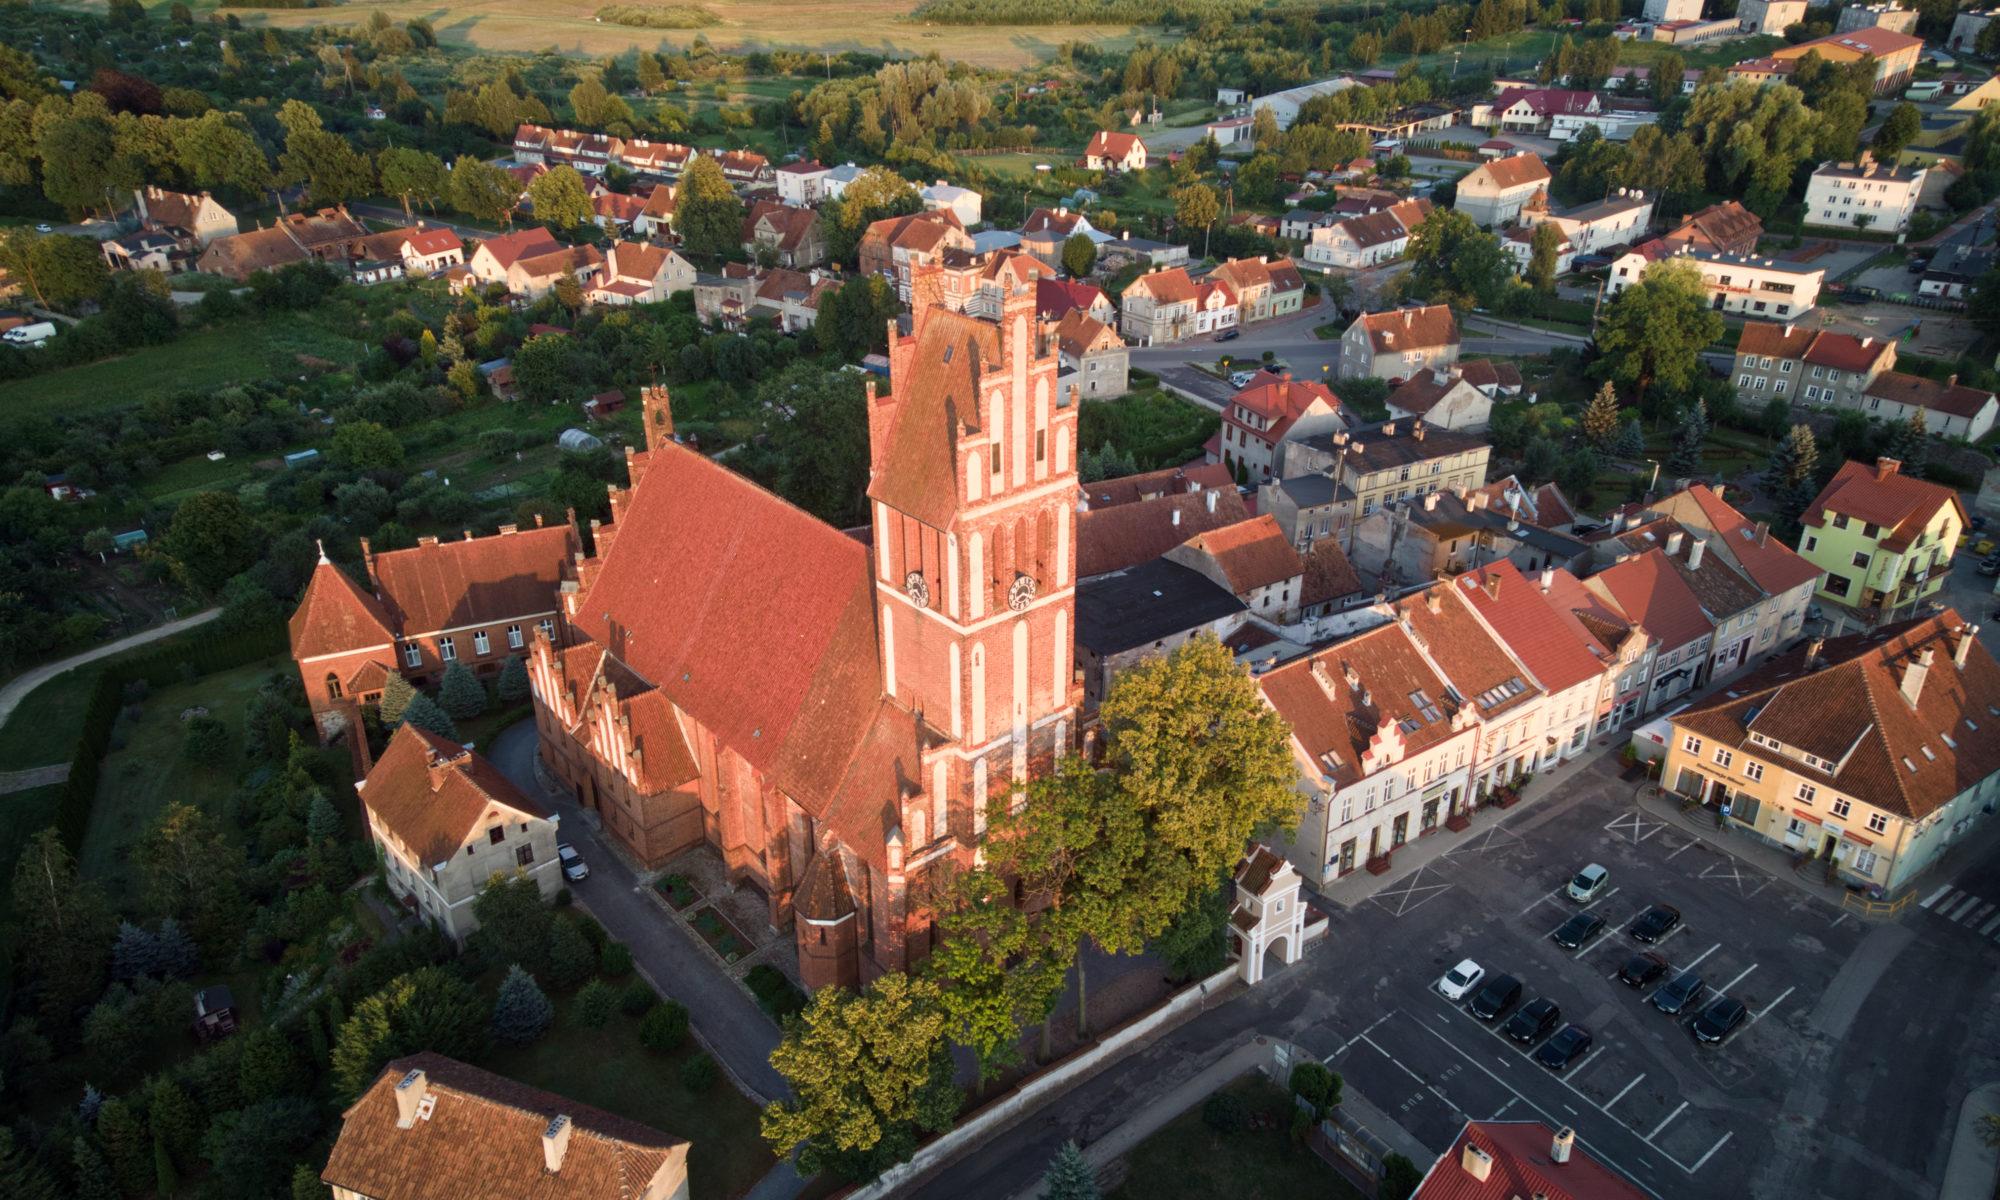 Rzymskokatolicka Parafia świętego Bartłomieja Apostoła